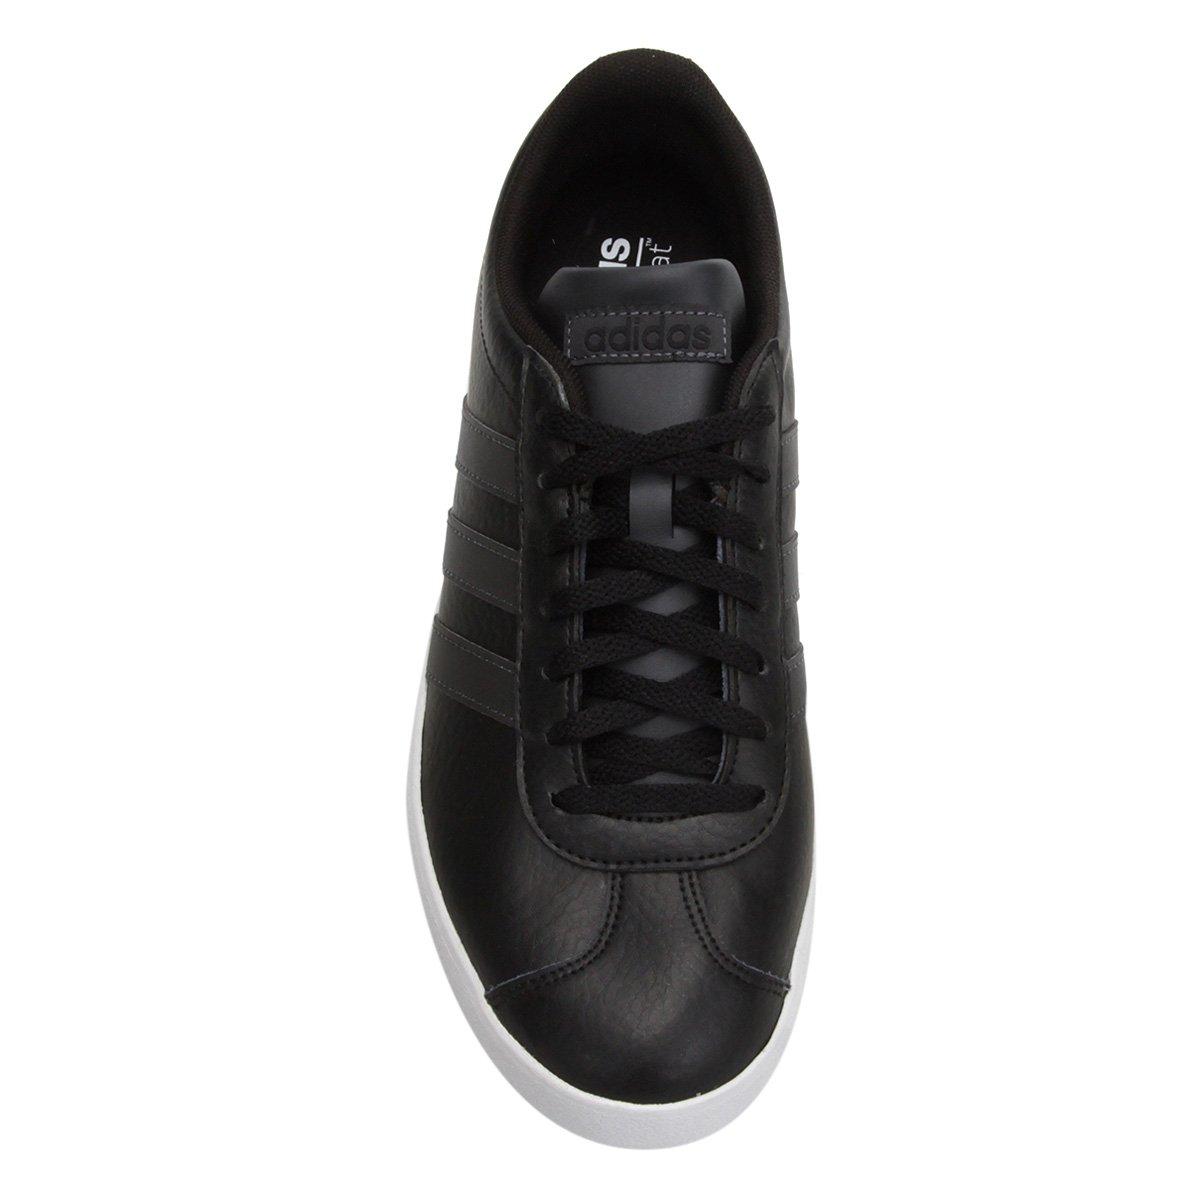 ceaf88bb16 Tênis Adidas VL Court 2.0 Masculino - Preto e Branco - Compre Agora ...